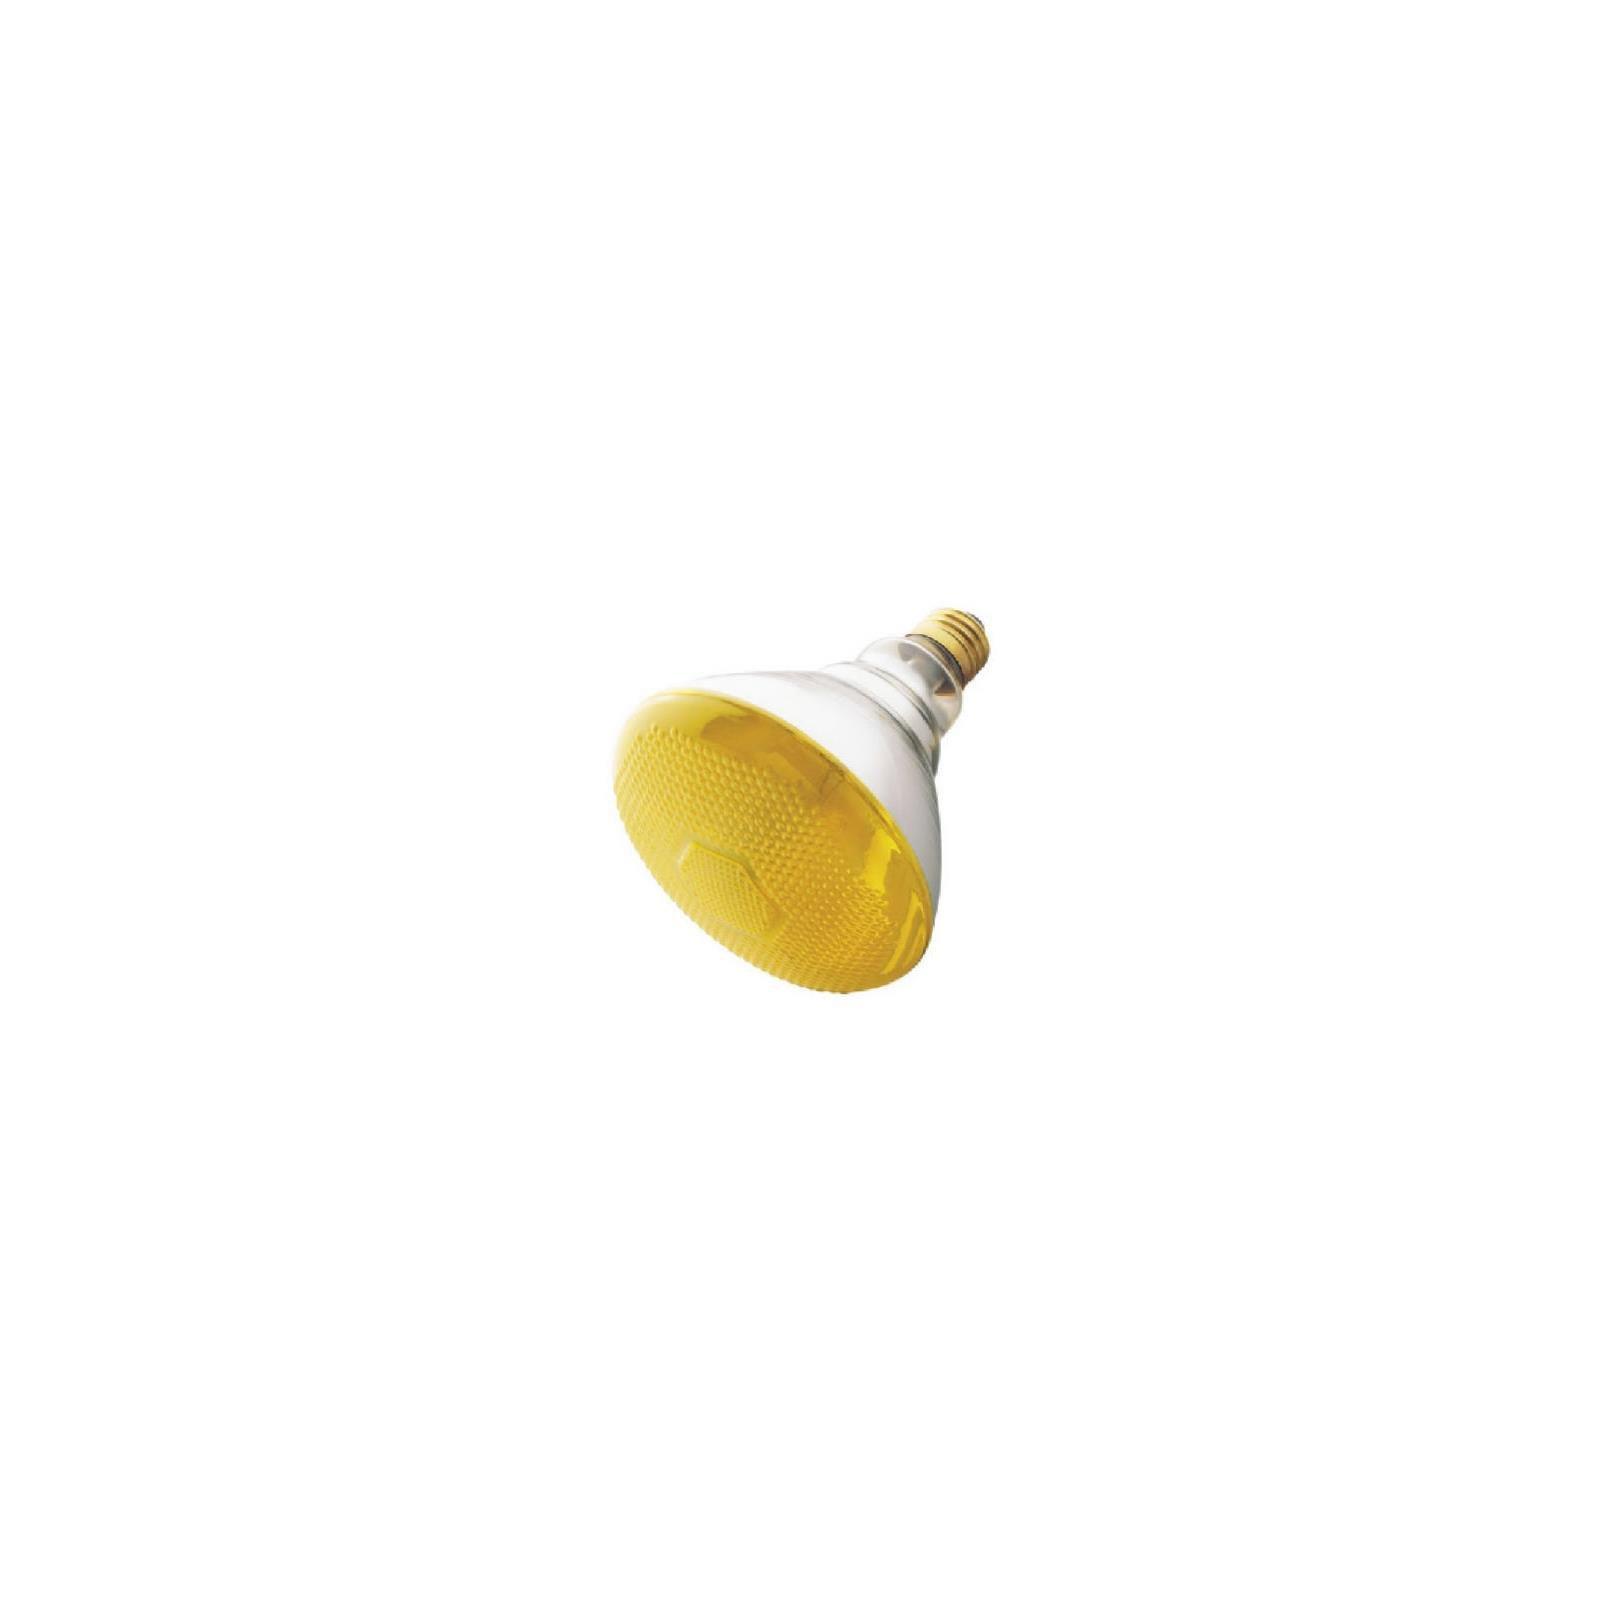 Westinghouse 0440900, 100 Watt, 120v Yellow Incandescent BR38 Light Bulb - 2000Hr, 12-Pack